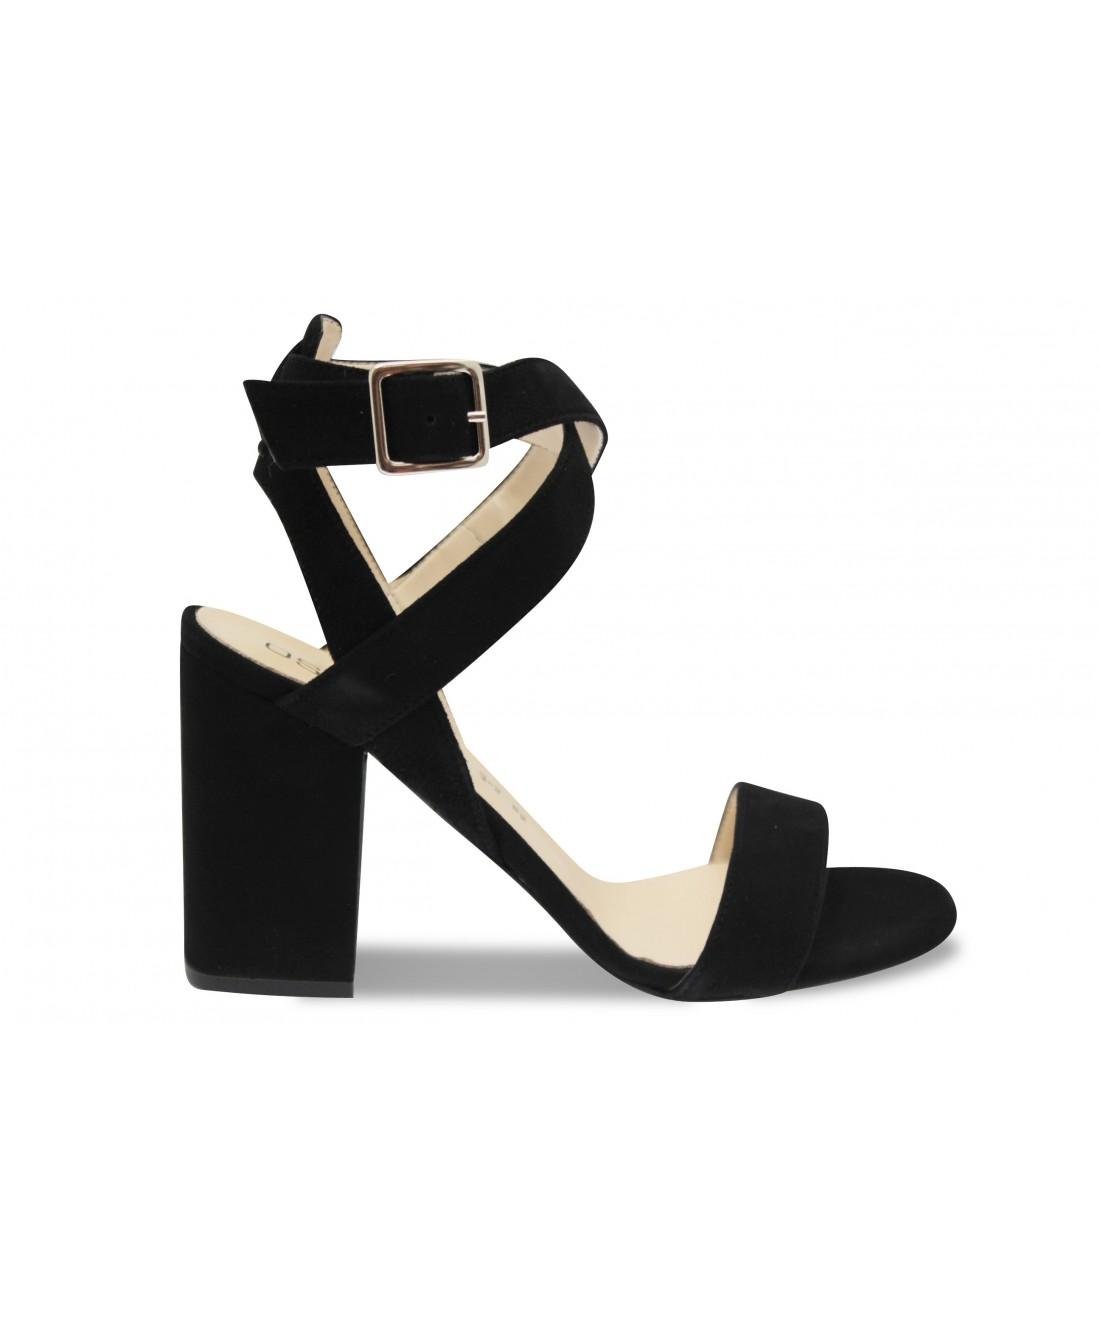 En Talon Carré Signée Shoes Tendance Femme À Bride Osmose Sandale TFlcK1J3